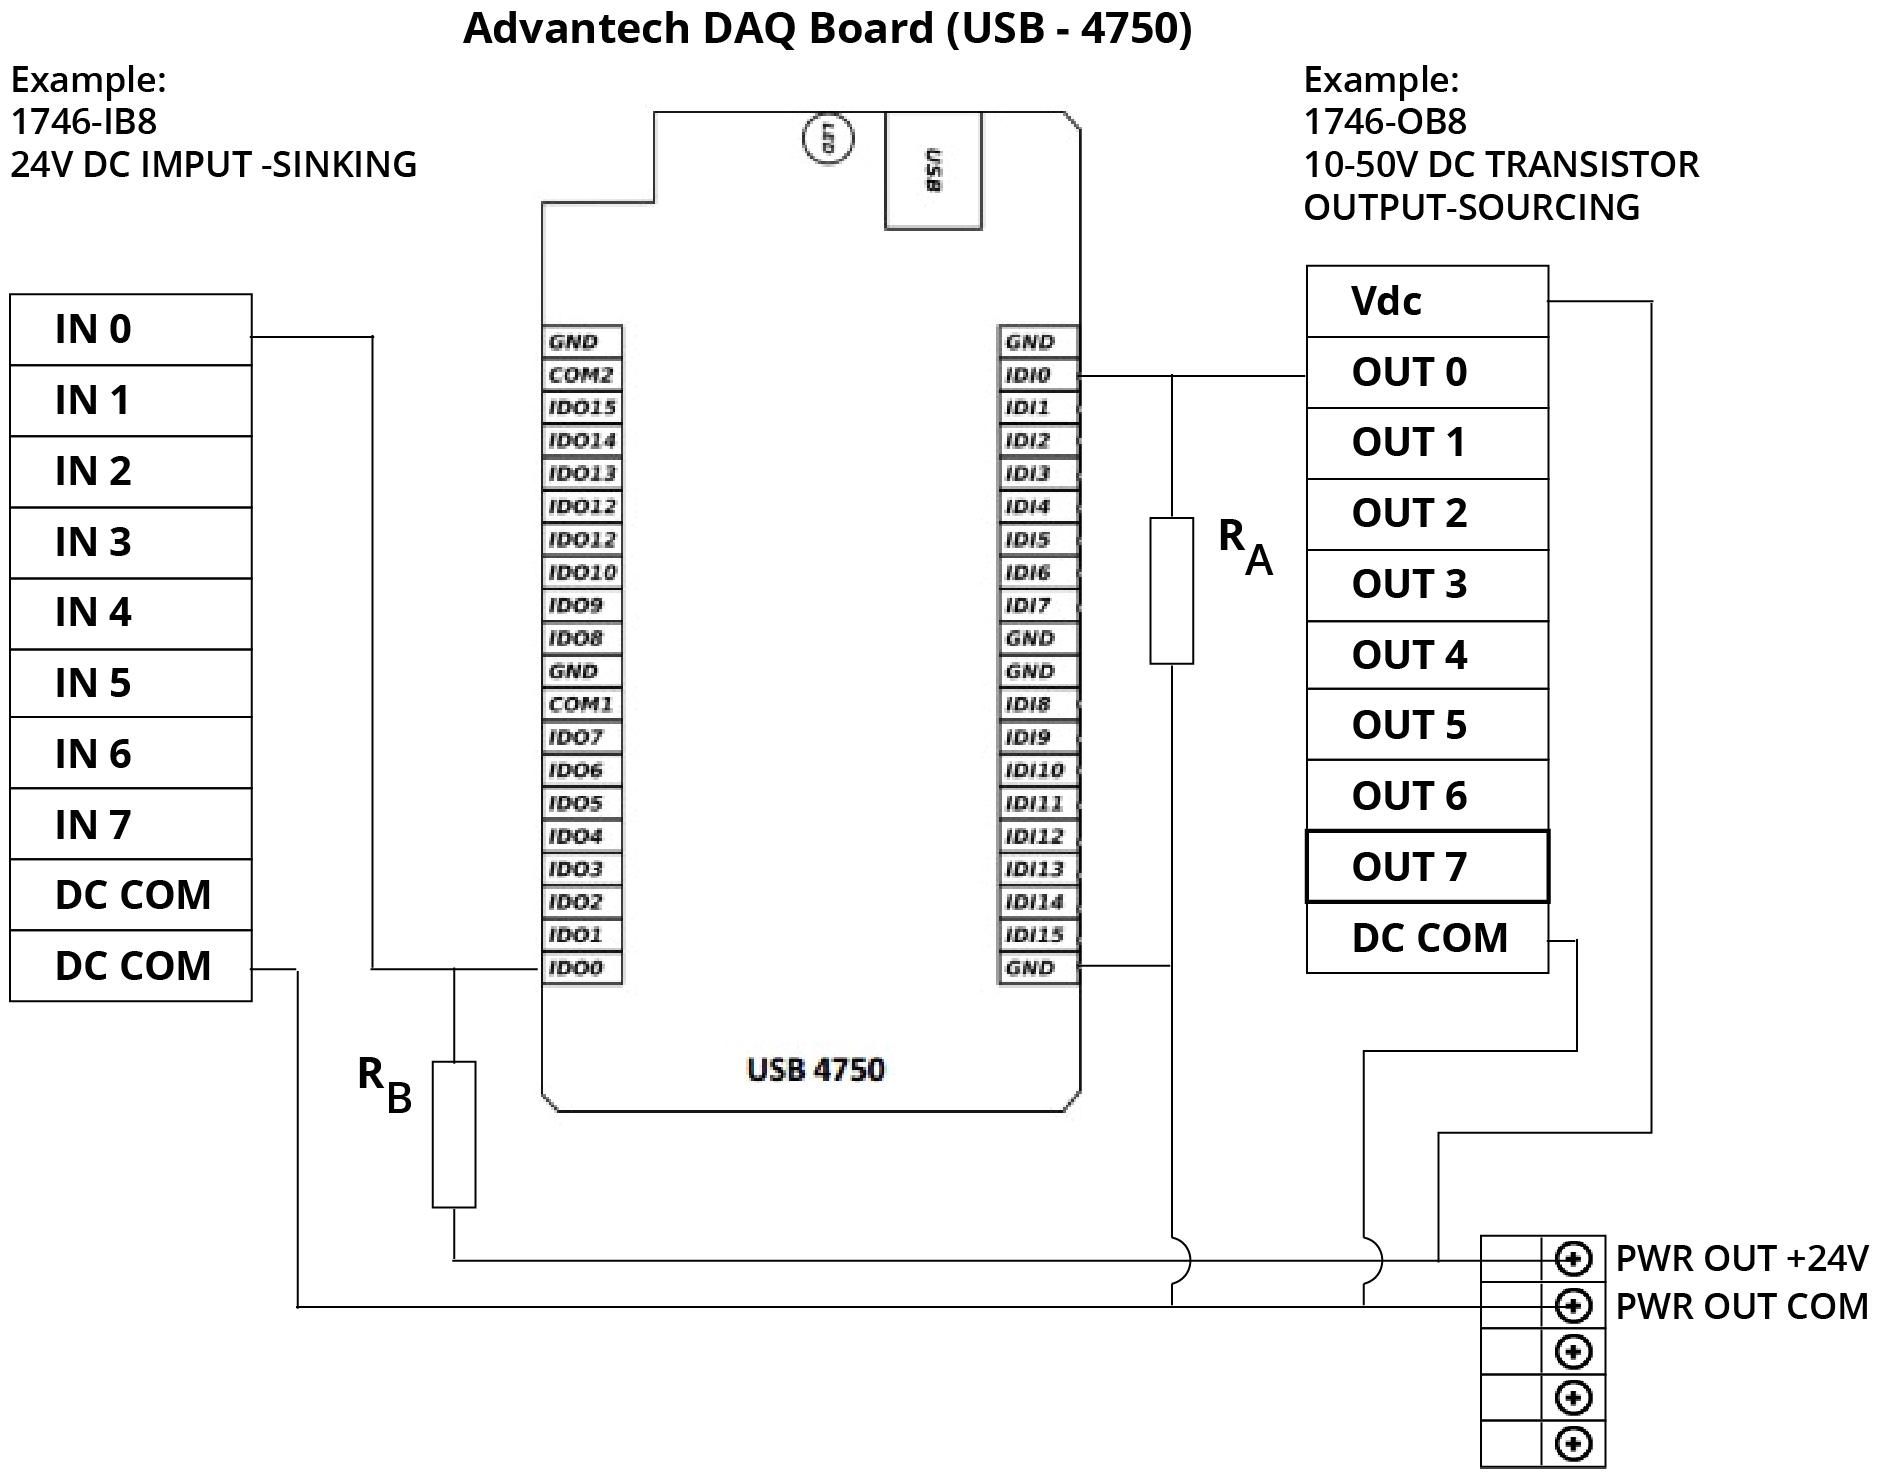 wiring diagrams factory i oallen bradley slc500